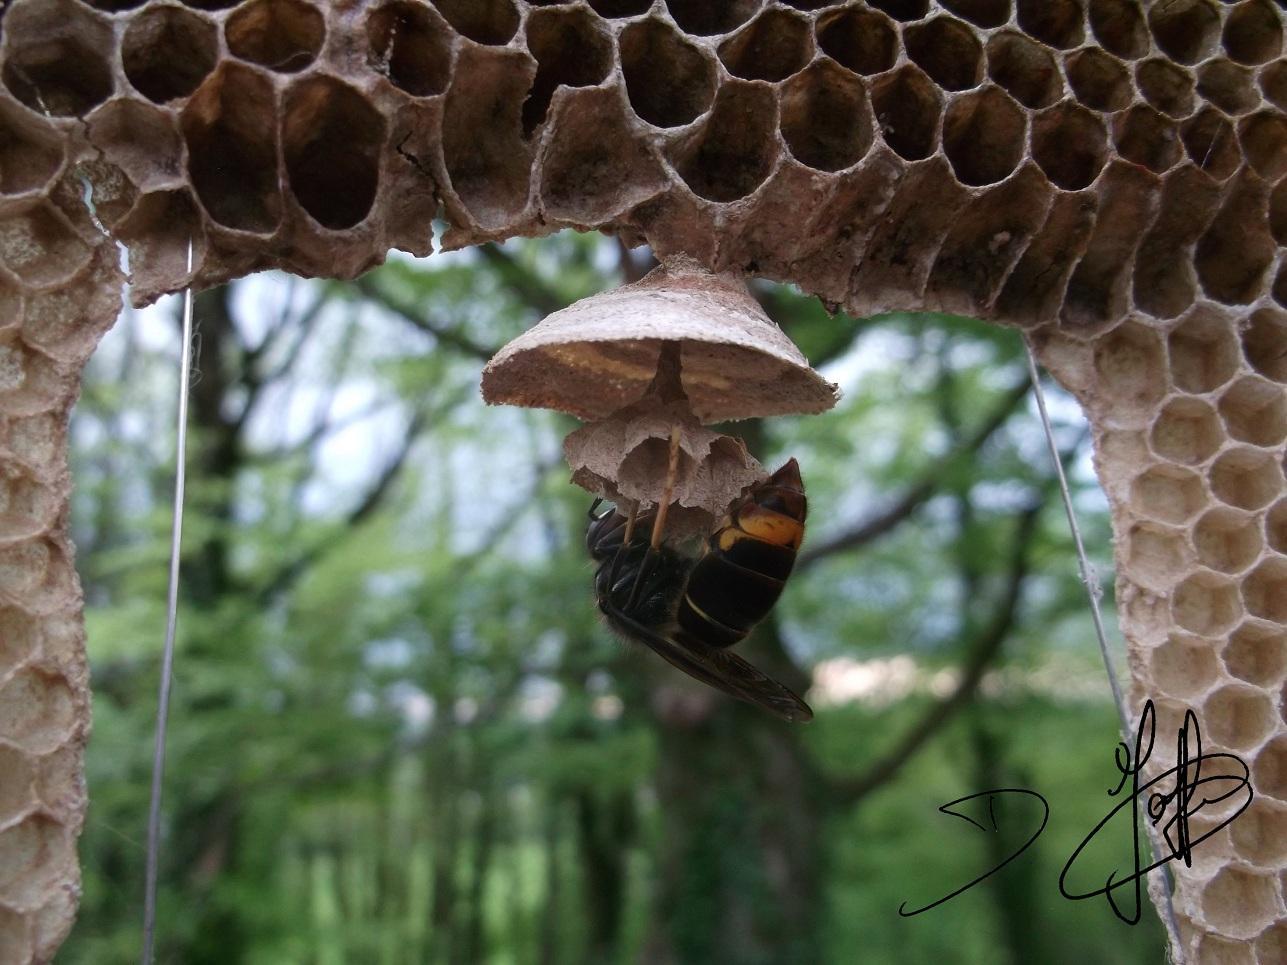 Contra la plaga del avispón asiático, un apicultor inventa una trampa revolucionaria que captura solo a las reinas ...